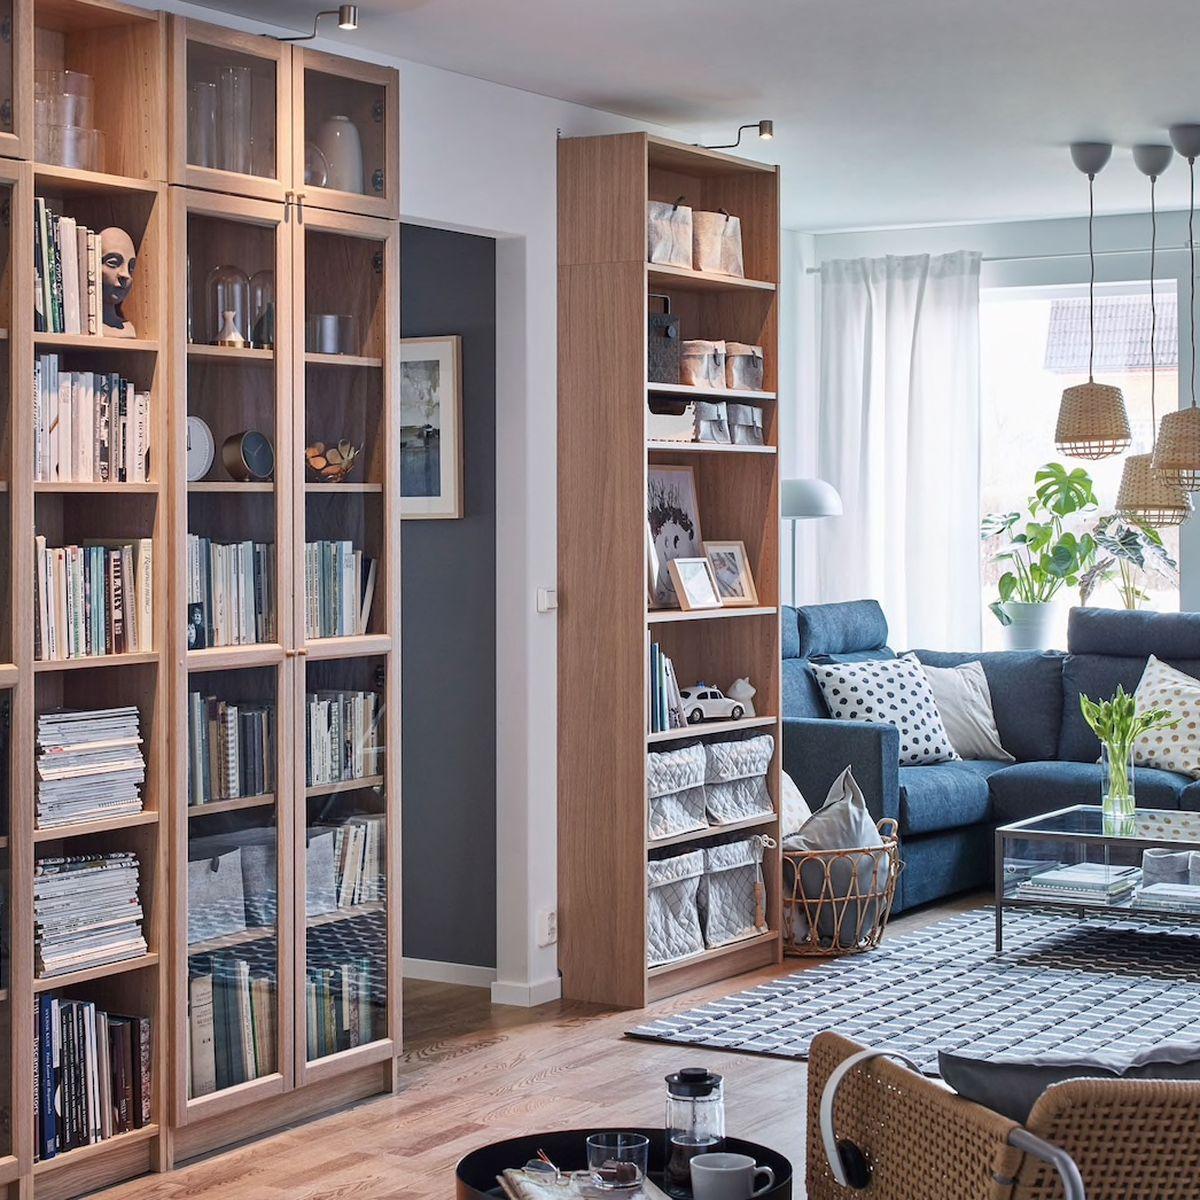 12 Best IKEA Billy Bookcase Hacks   DIY Billy Bookcase Ideas